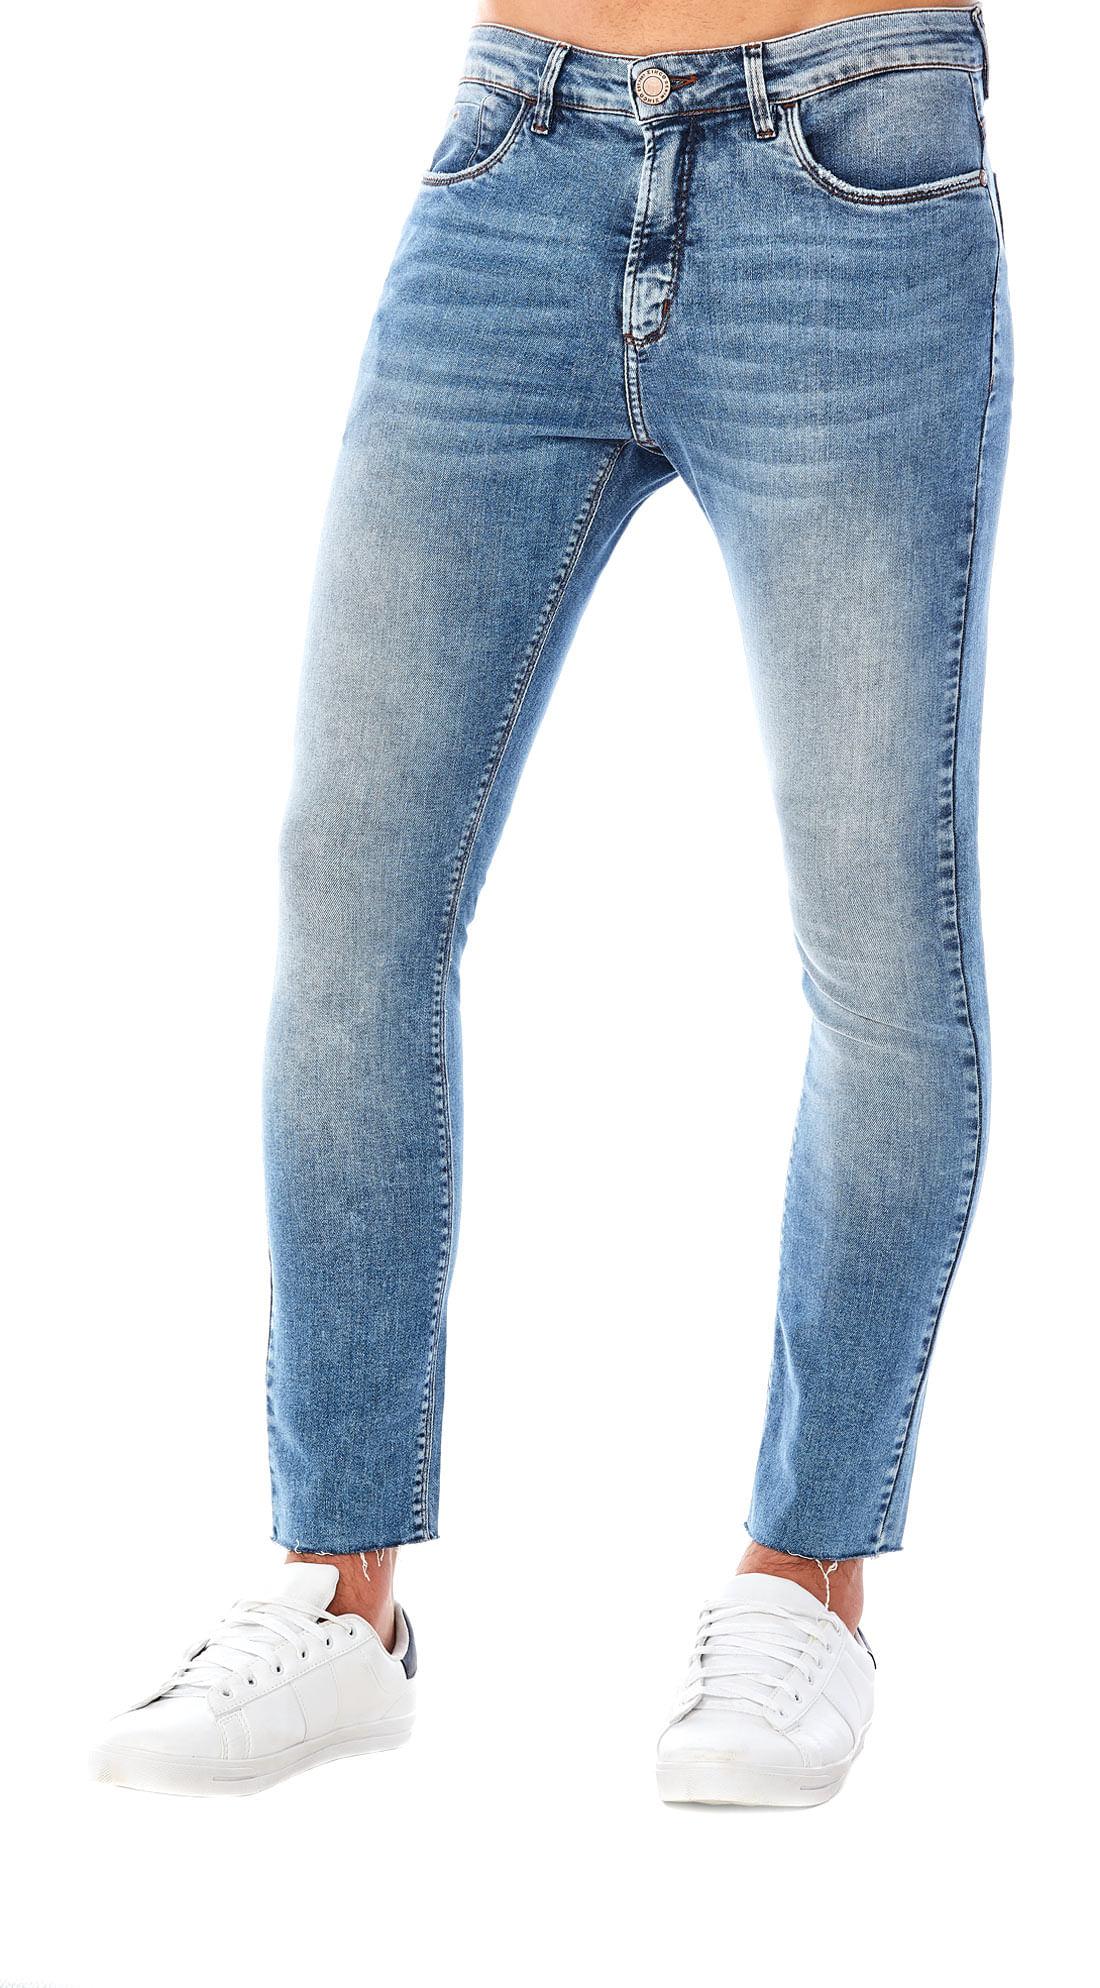 Calça Zinco Slim Cós Intermediário Bolso Relogio Jeans